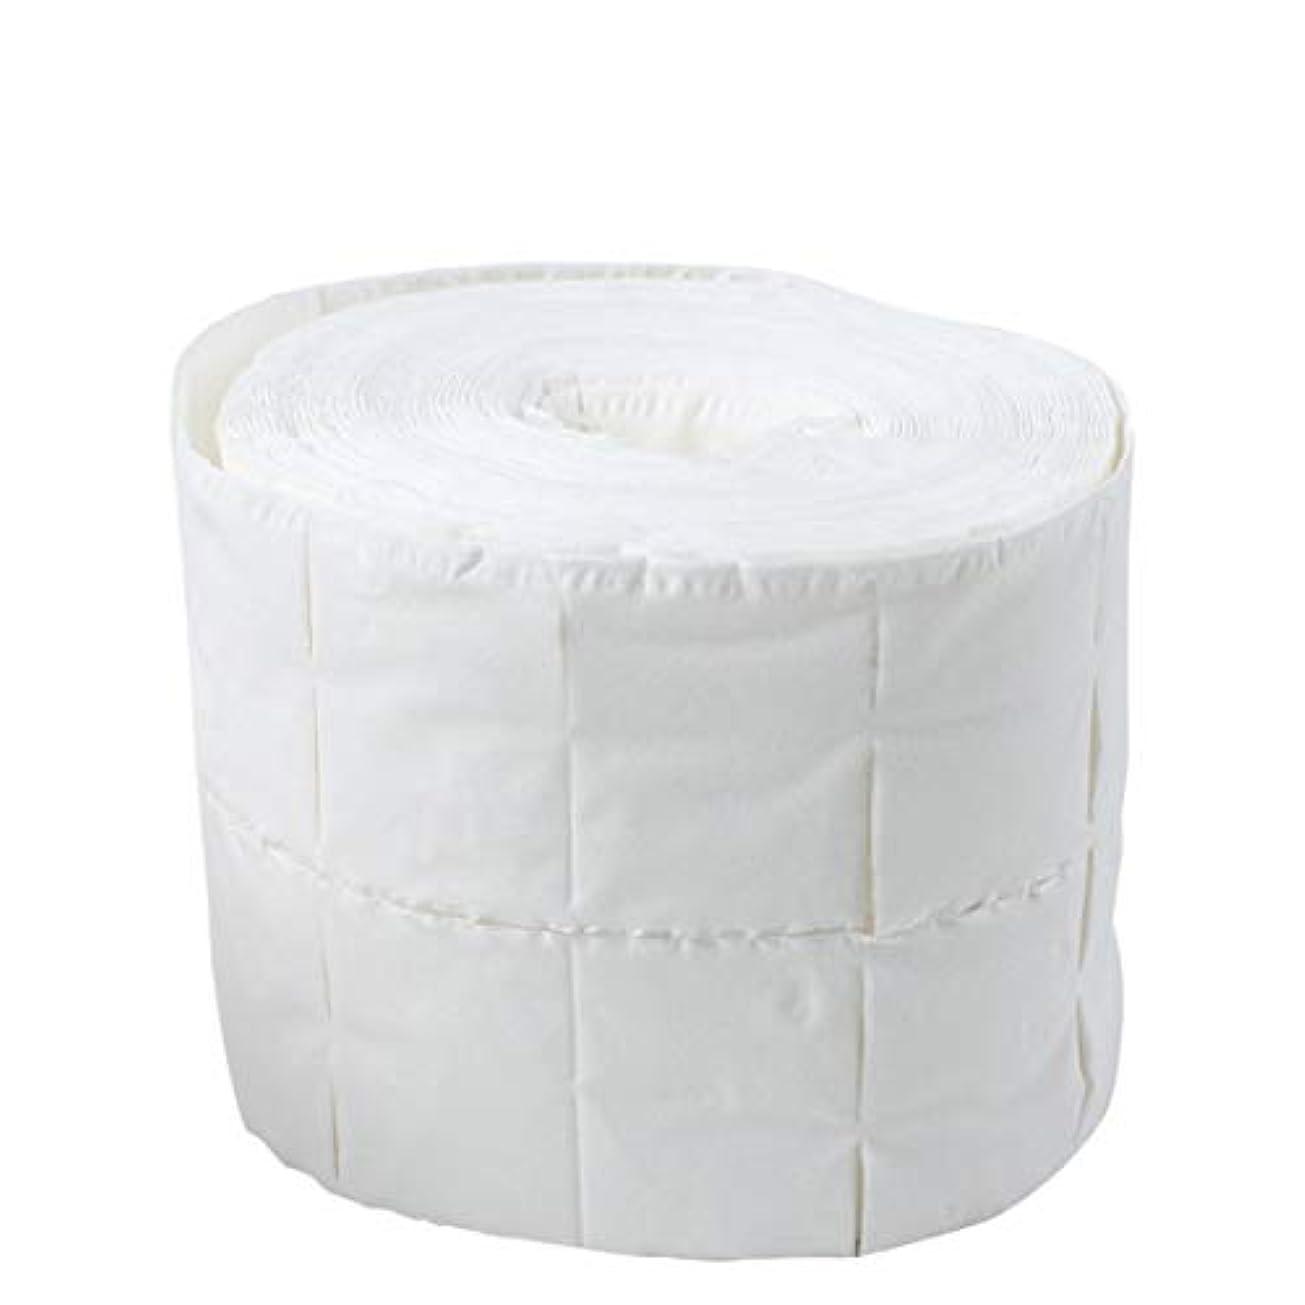 スペルピア見つけるIntercoreyポータブルトラベルブランドマニキュアリムーバークリアナーネイルジェル軽量耐久性のある使用ネイルラップ洗濯タオルウォッシュ